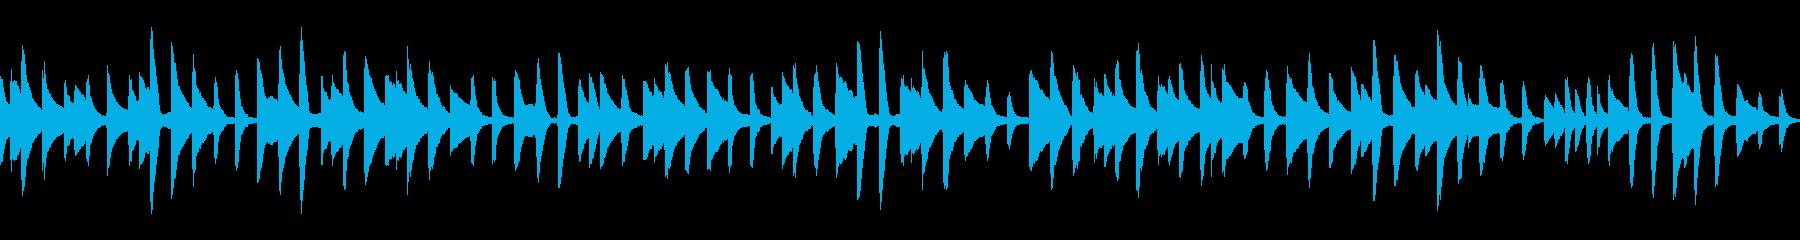 童謡「背比べ」ループ仕様ピアノソロの再生済みの波形